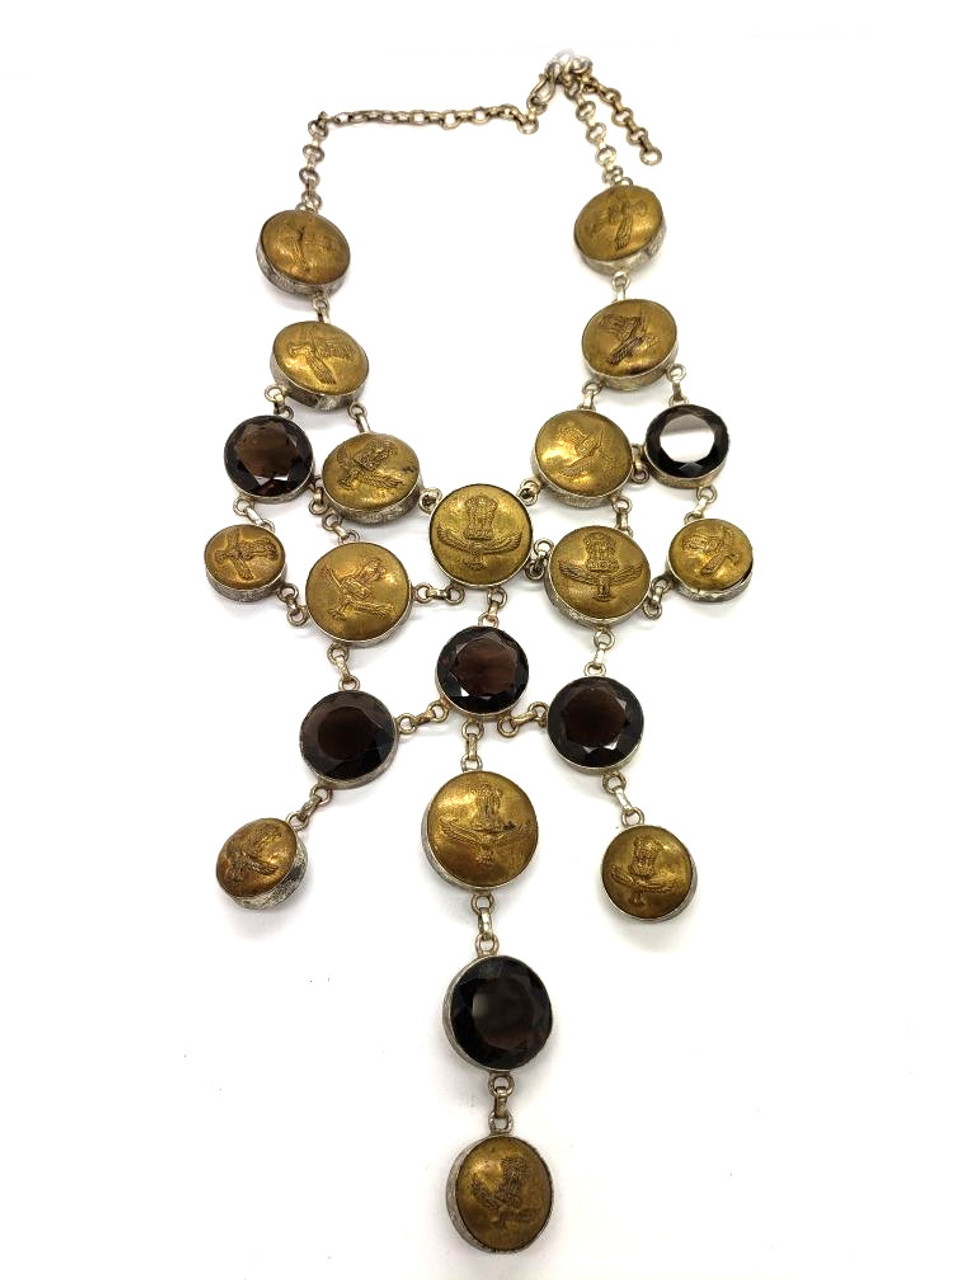 Antique Buttons & Smokey Quartz Necklace